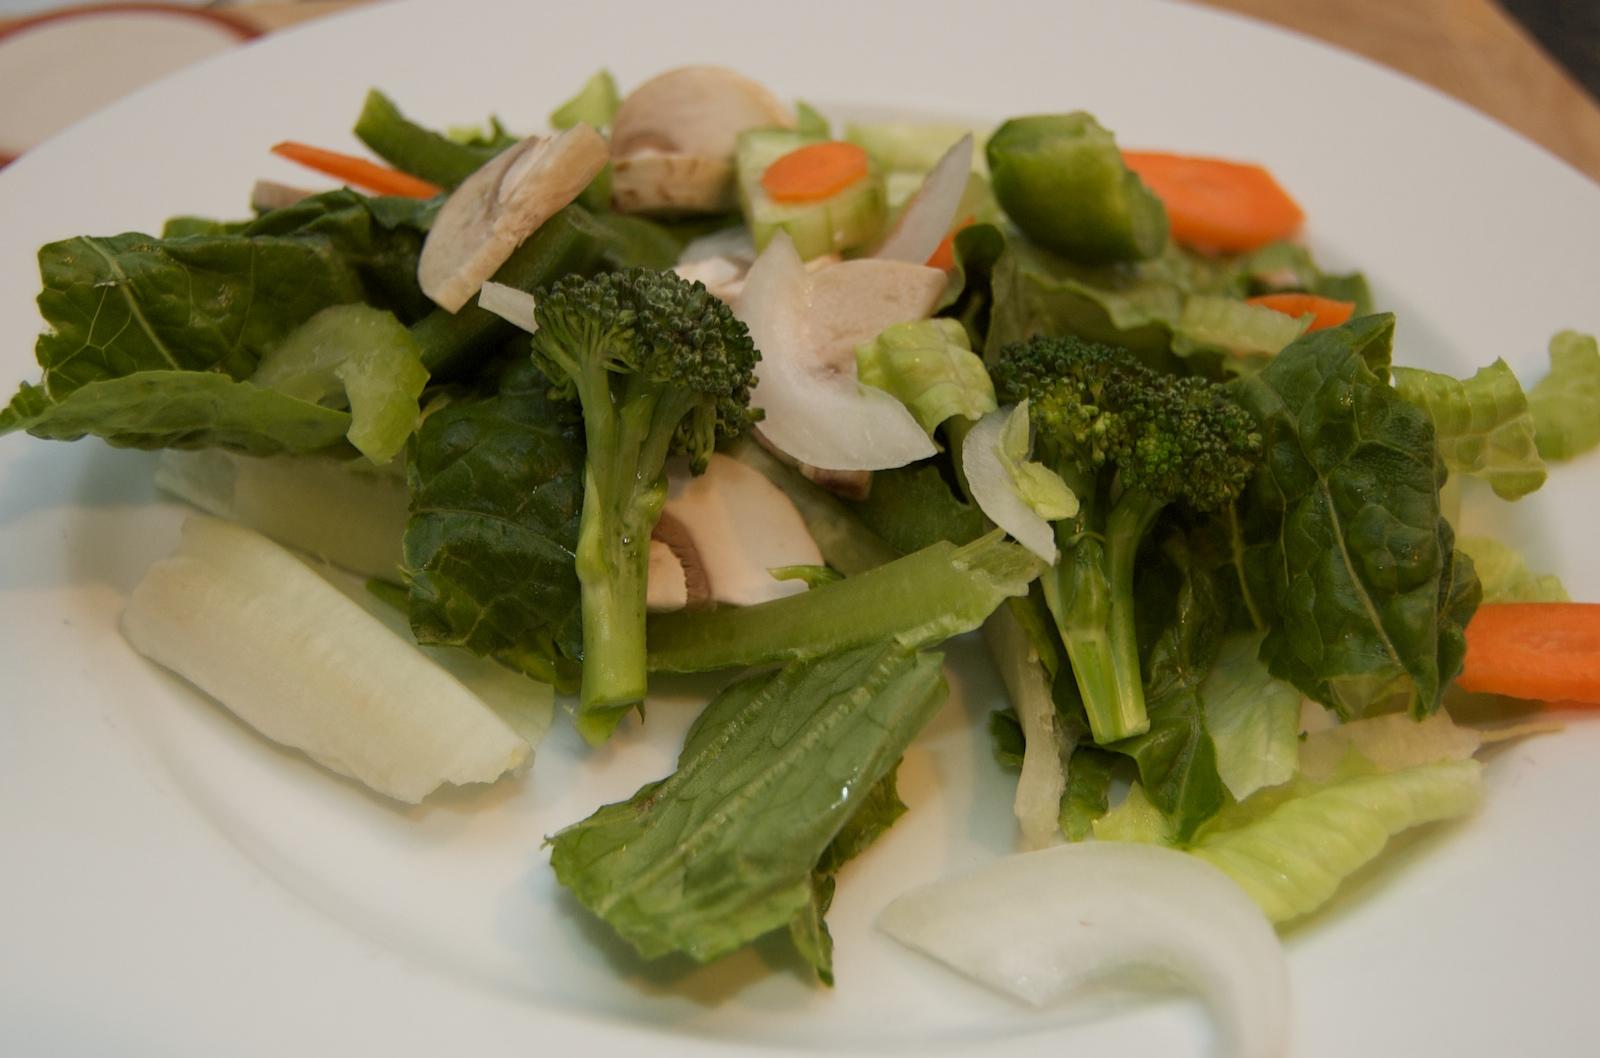 http://blog.rickk.com/food/2010/03/23/salad8.jpg